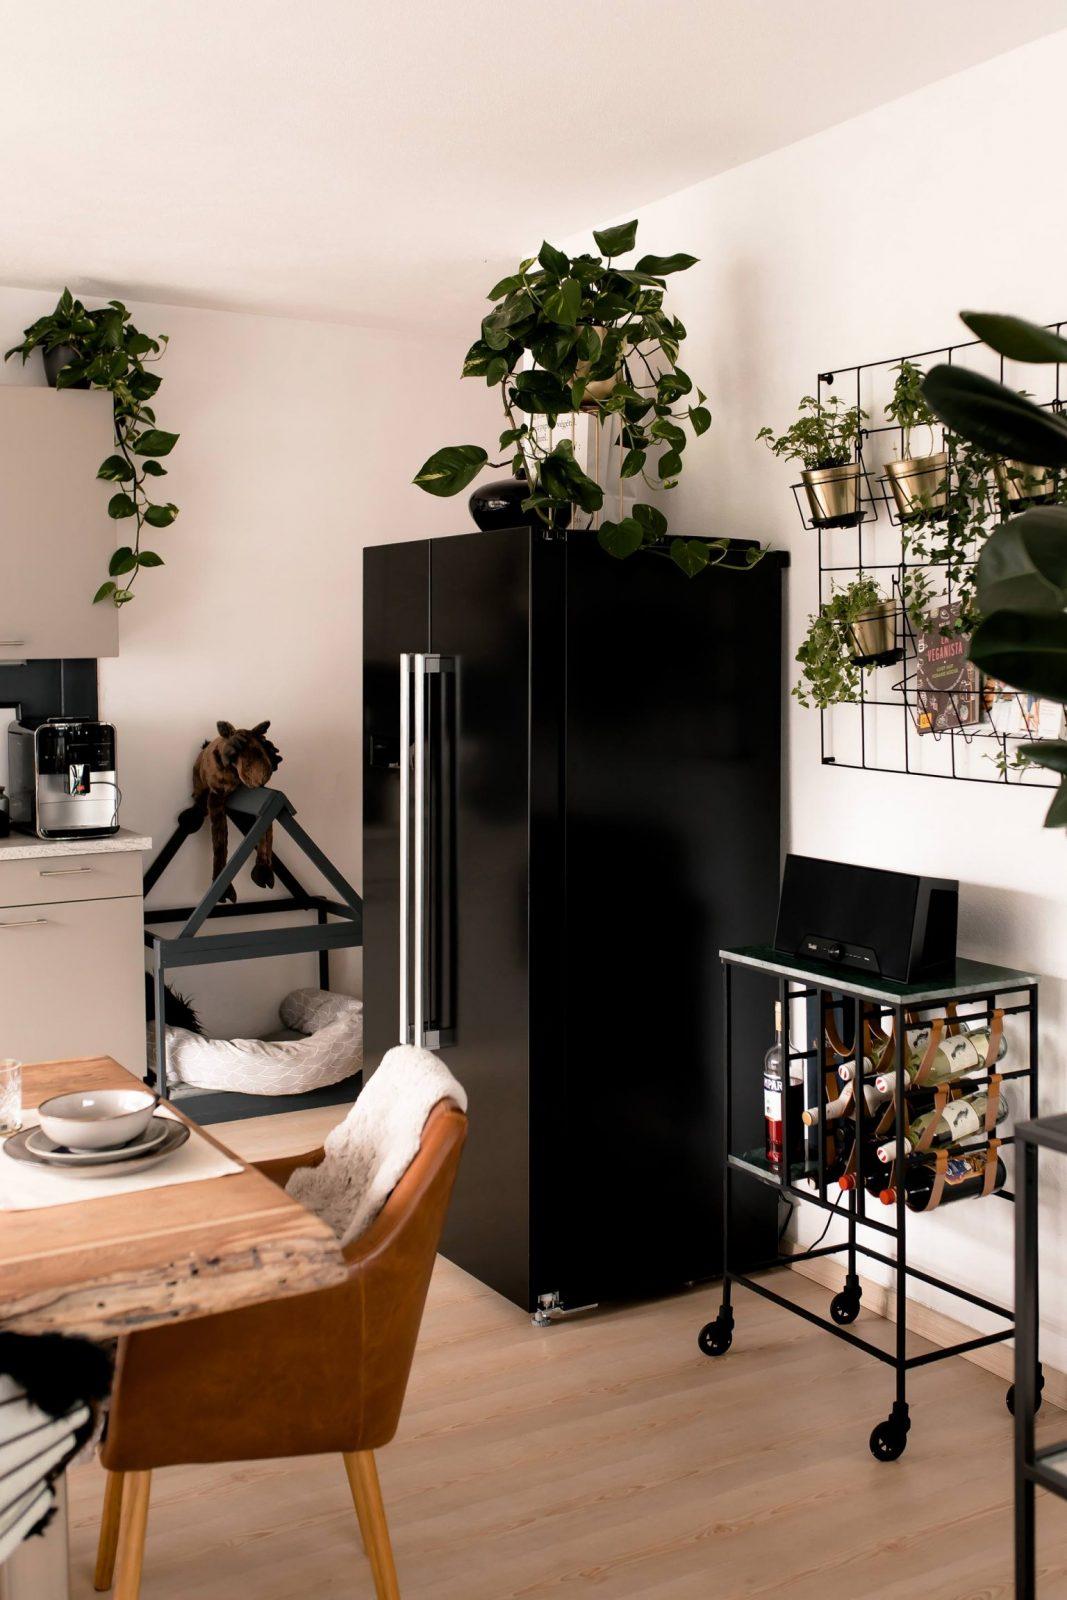 Küche Verschönern Mit Wenig Aufwand Mein Küchenmakeover Inkl von Küchenmöbel Streichen Vorher Nachher Bild